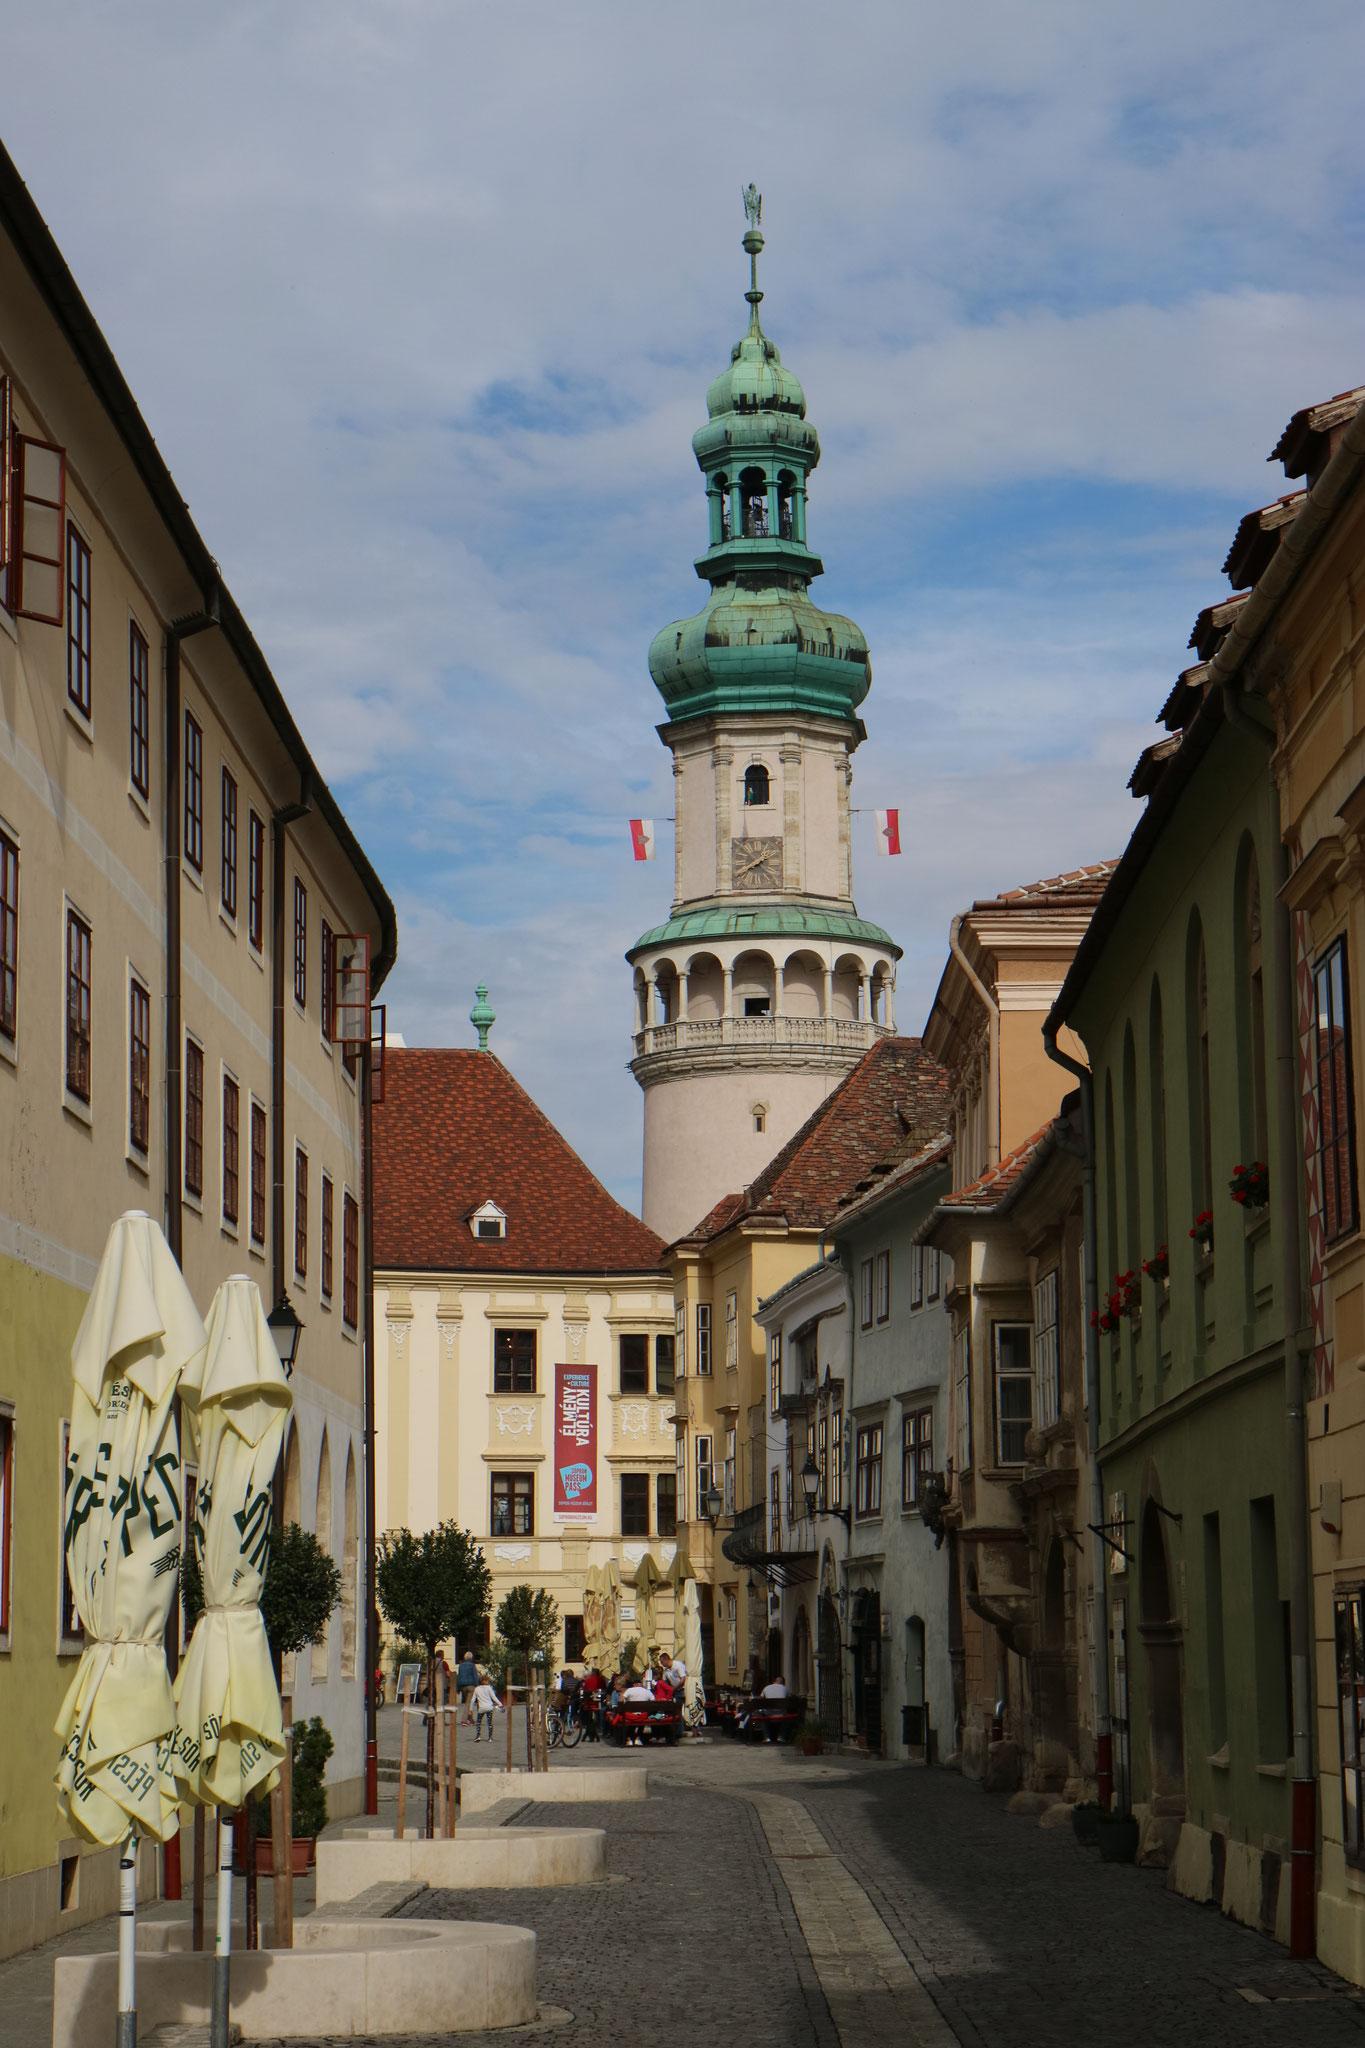 Der berühmte Feuerturm der Stadt Sopron aus Sicht einer Nebenstraße